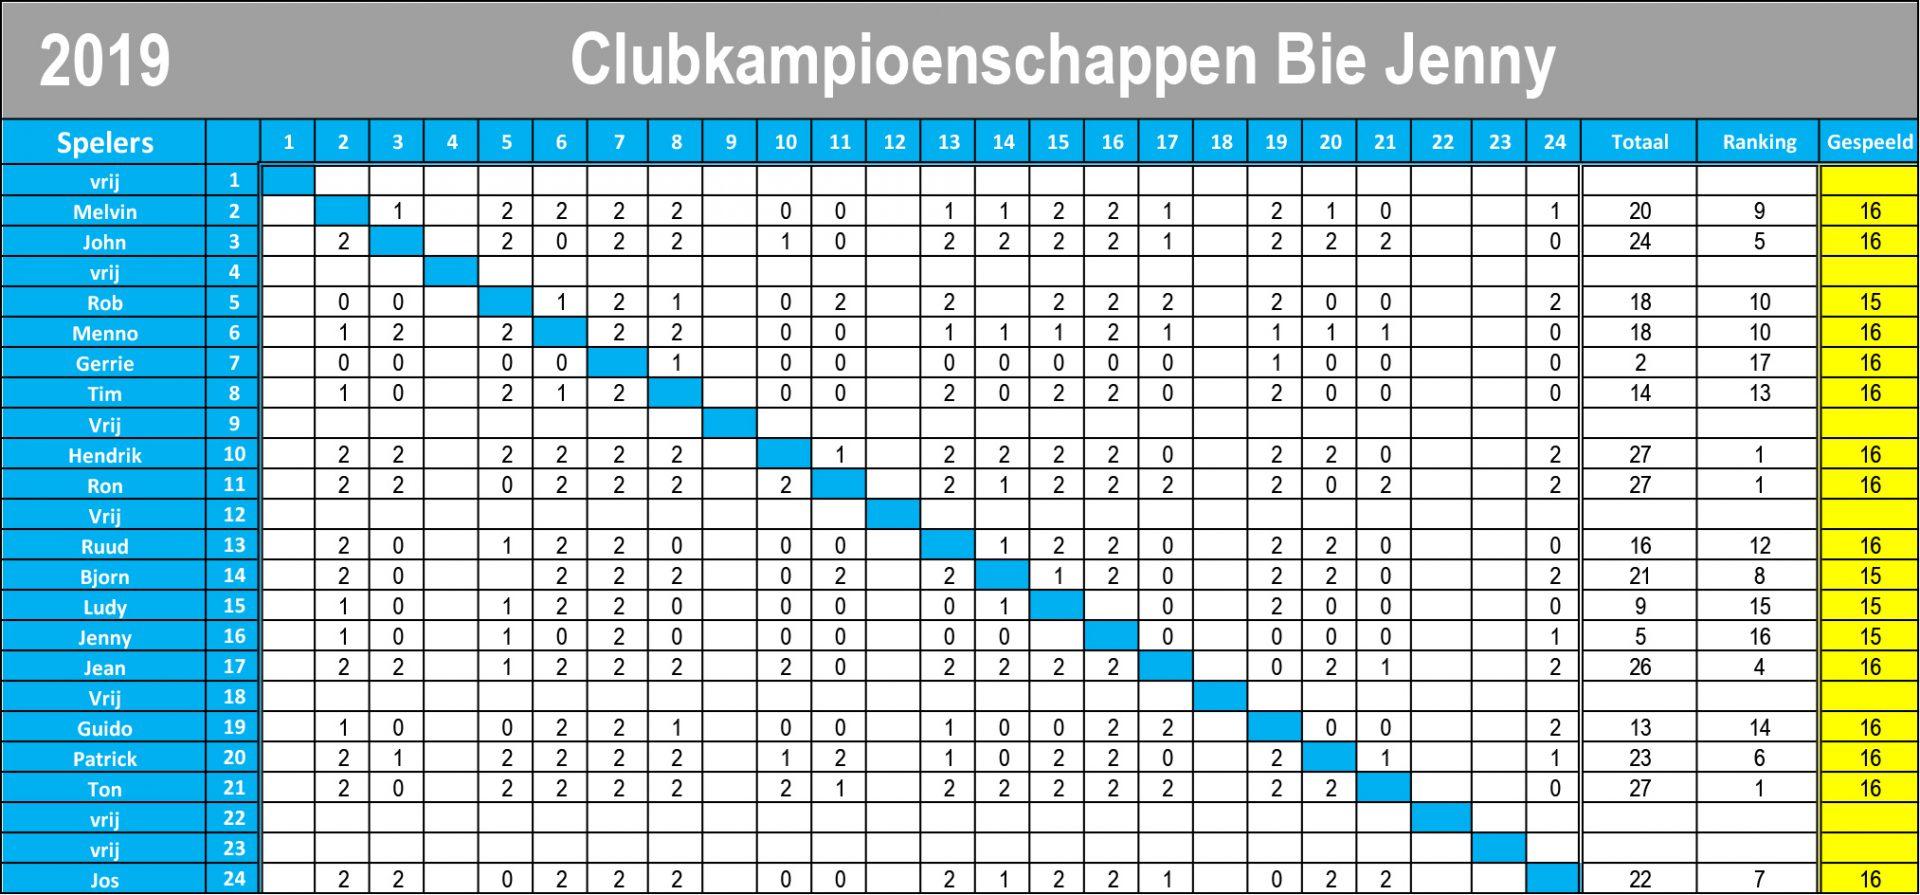 Clubkampioenschappenbiejenny2019-1-1